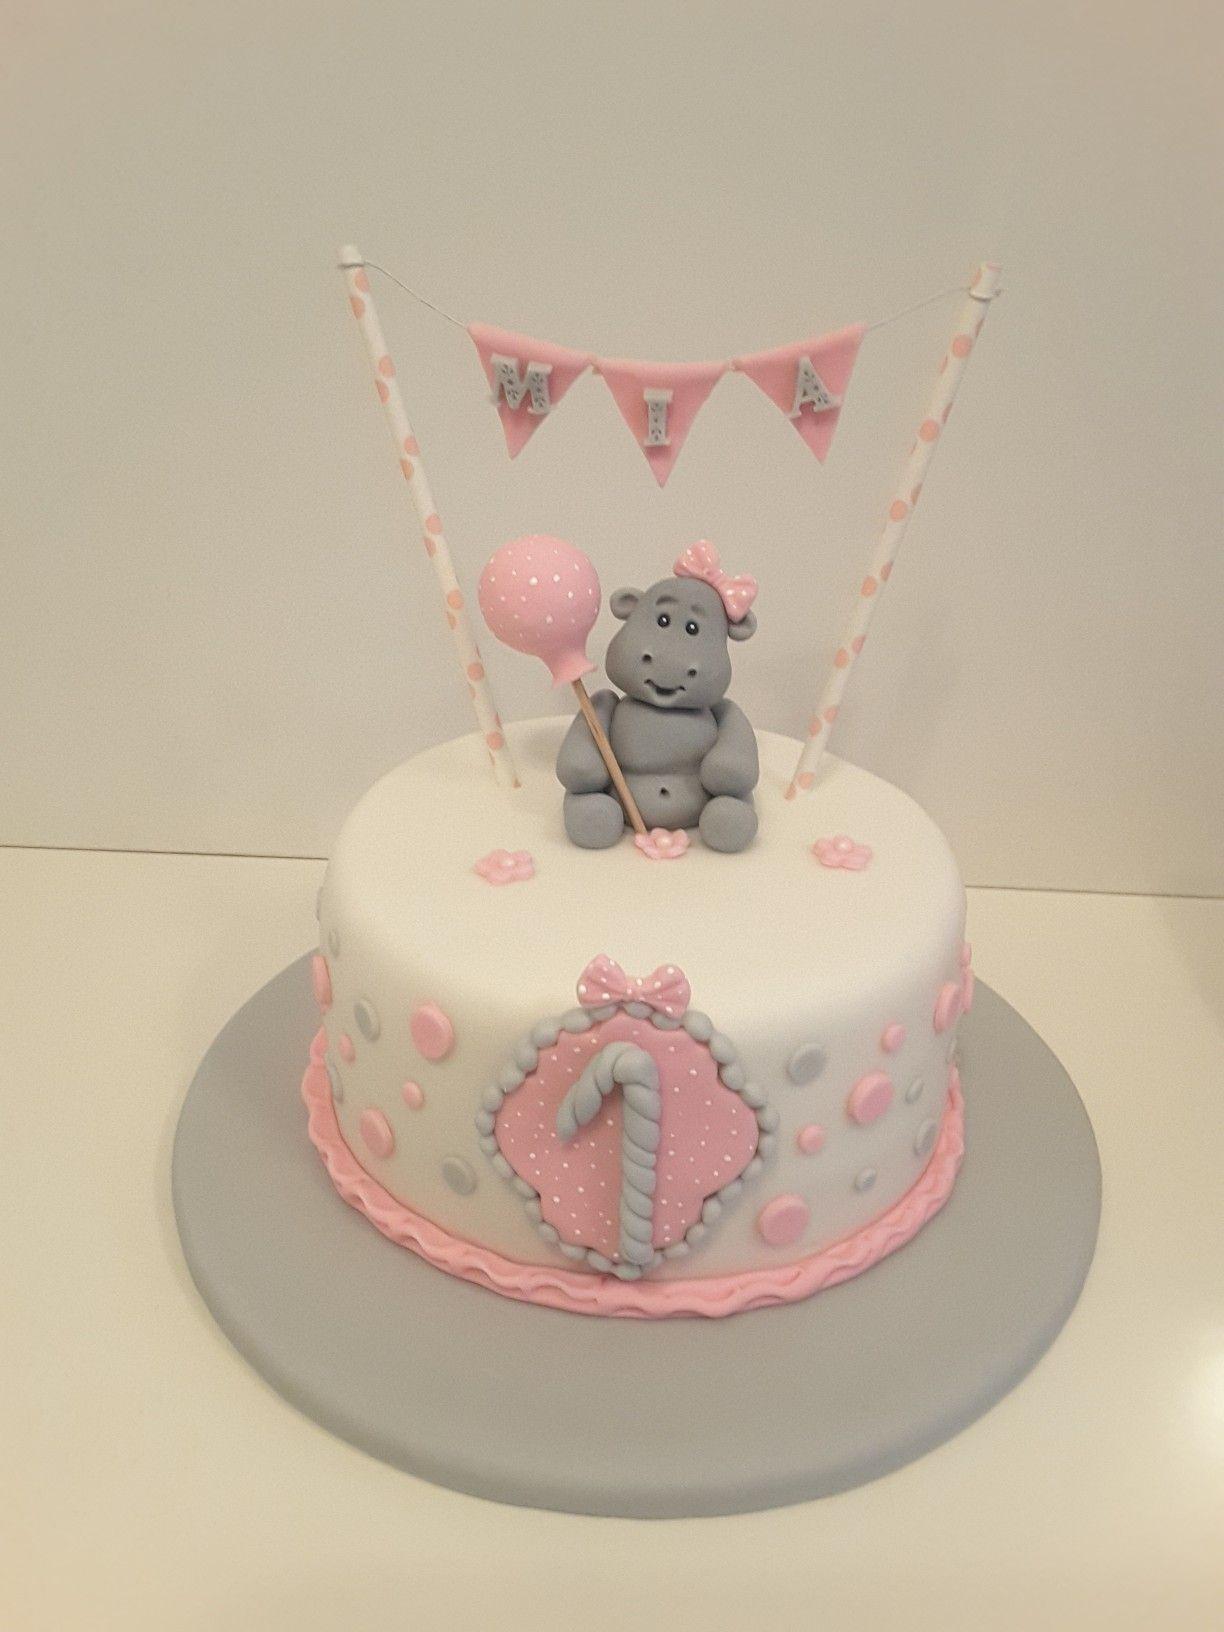 Kindertorte 1 Geburtstag Hochzeitstorte Fondant Torte 1 Geburtstag Kuchen Ideen